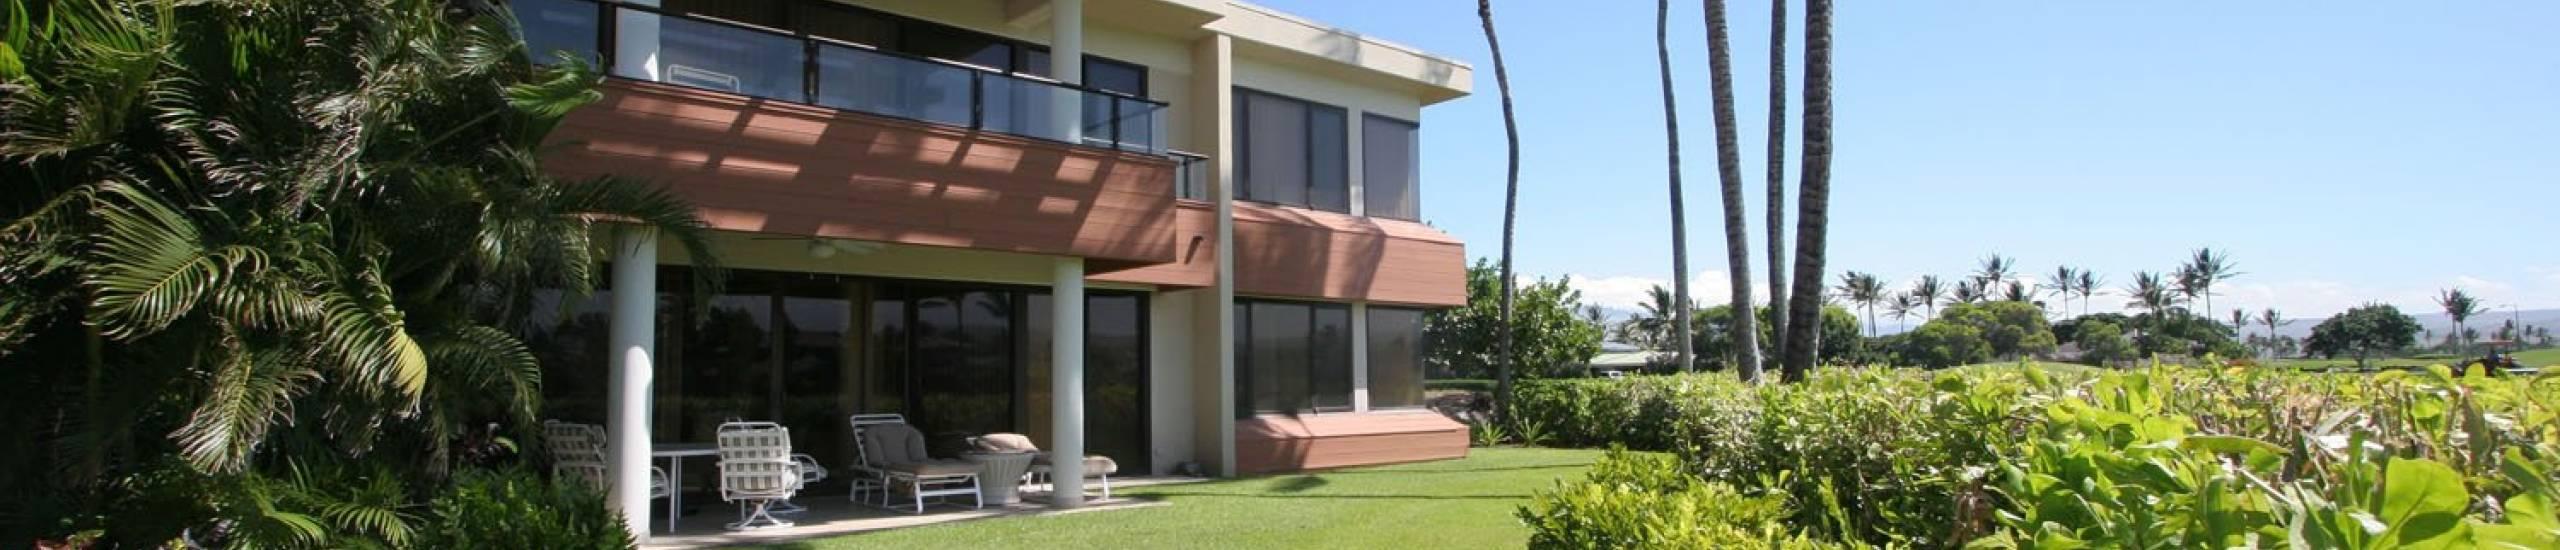 Mauna Lani Point Condominium exterior